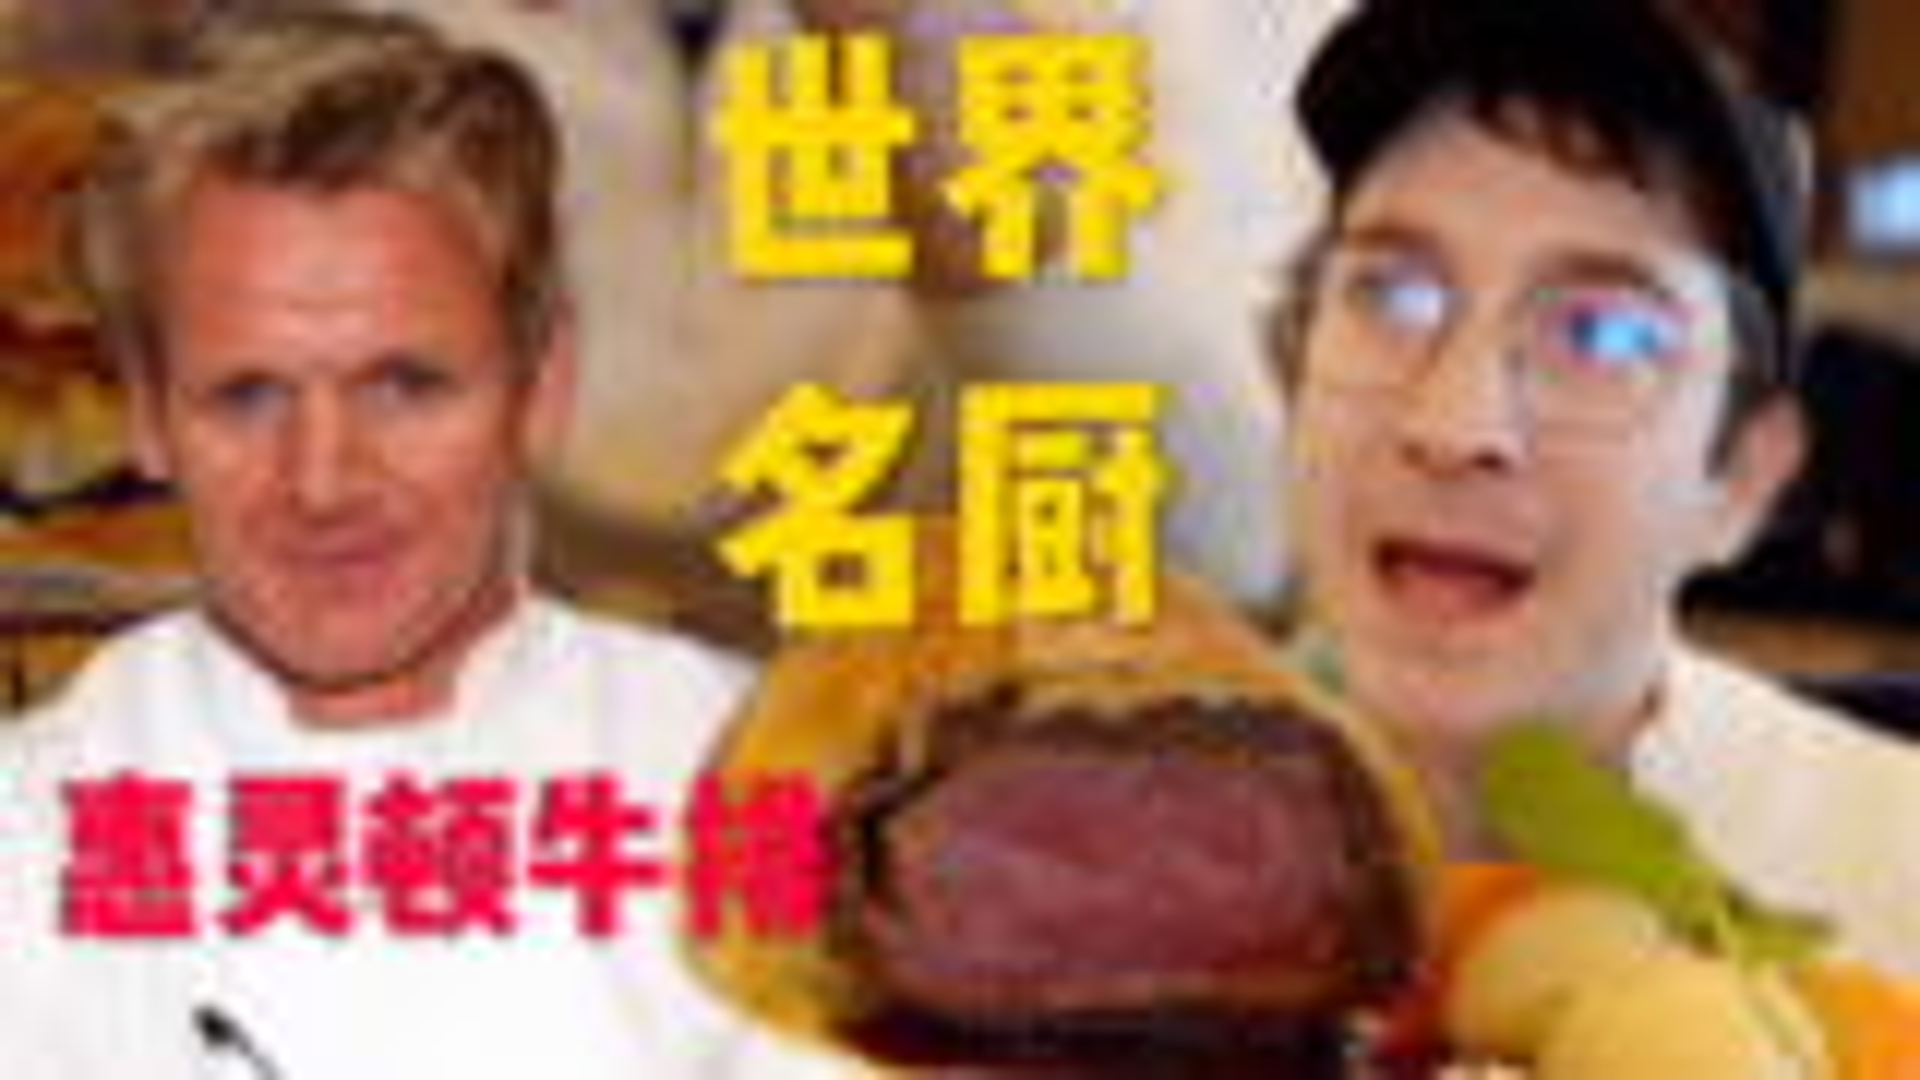 试吃世界最有名大厨的餐厅,惠灵顿牛排做的怎样?